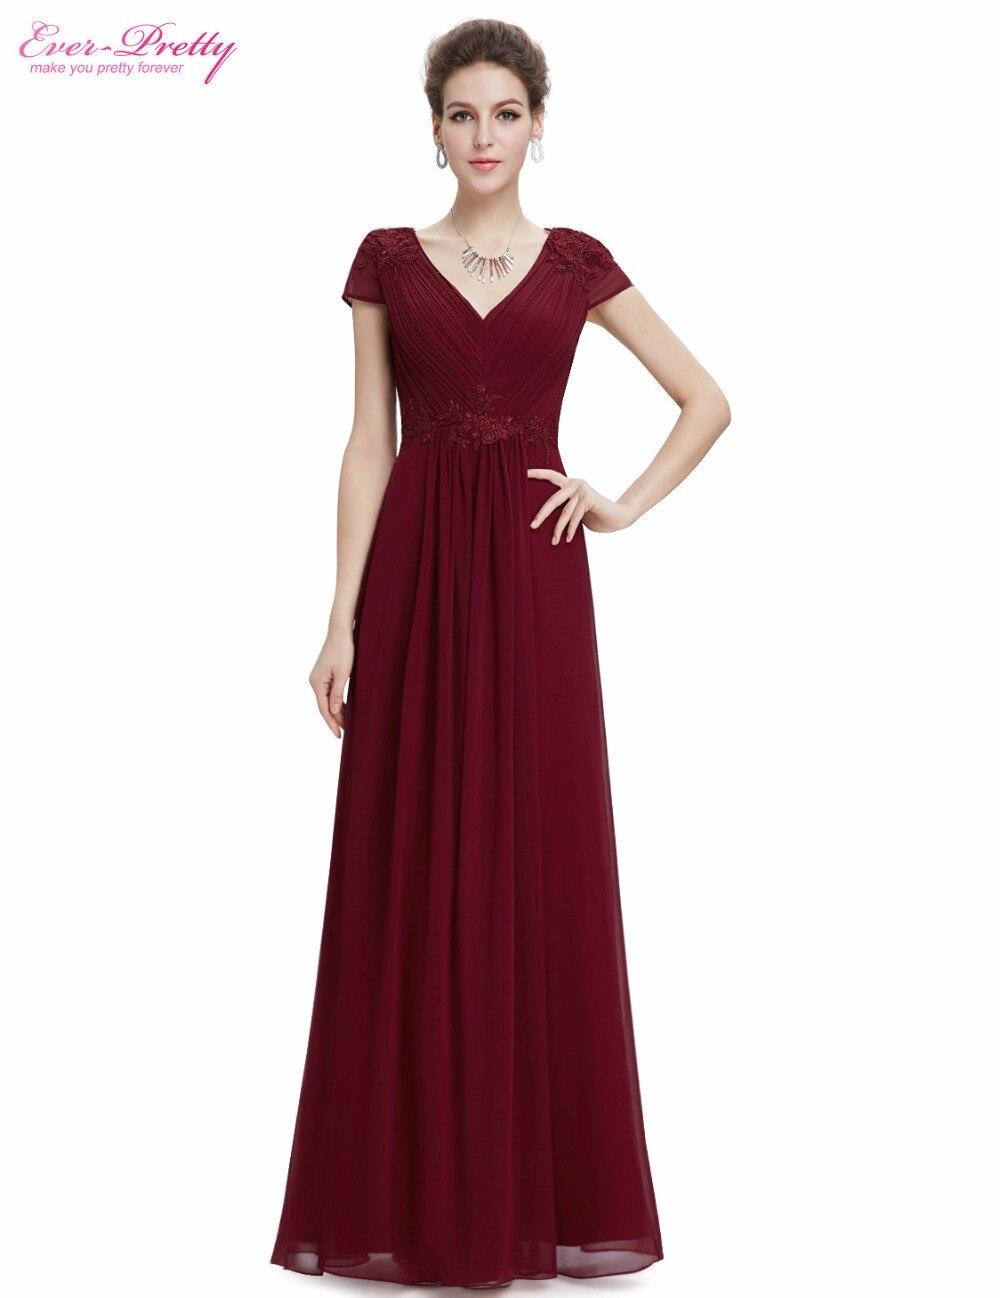 [liquidacao]-prom-vestidos-sempre-bonitas-he08467sb-mulheres-sexy-com-decote-em-v-ruched-imperio-apliques-longo-festa-A-noite-vestidos-de-azul-2017